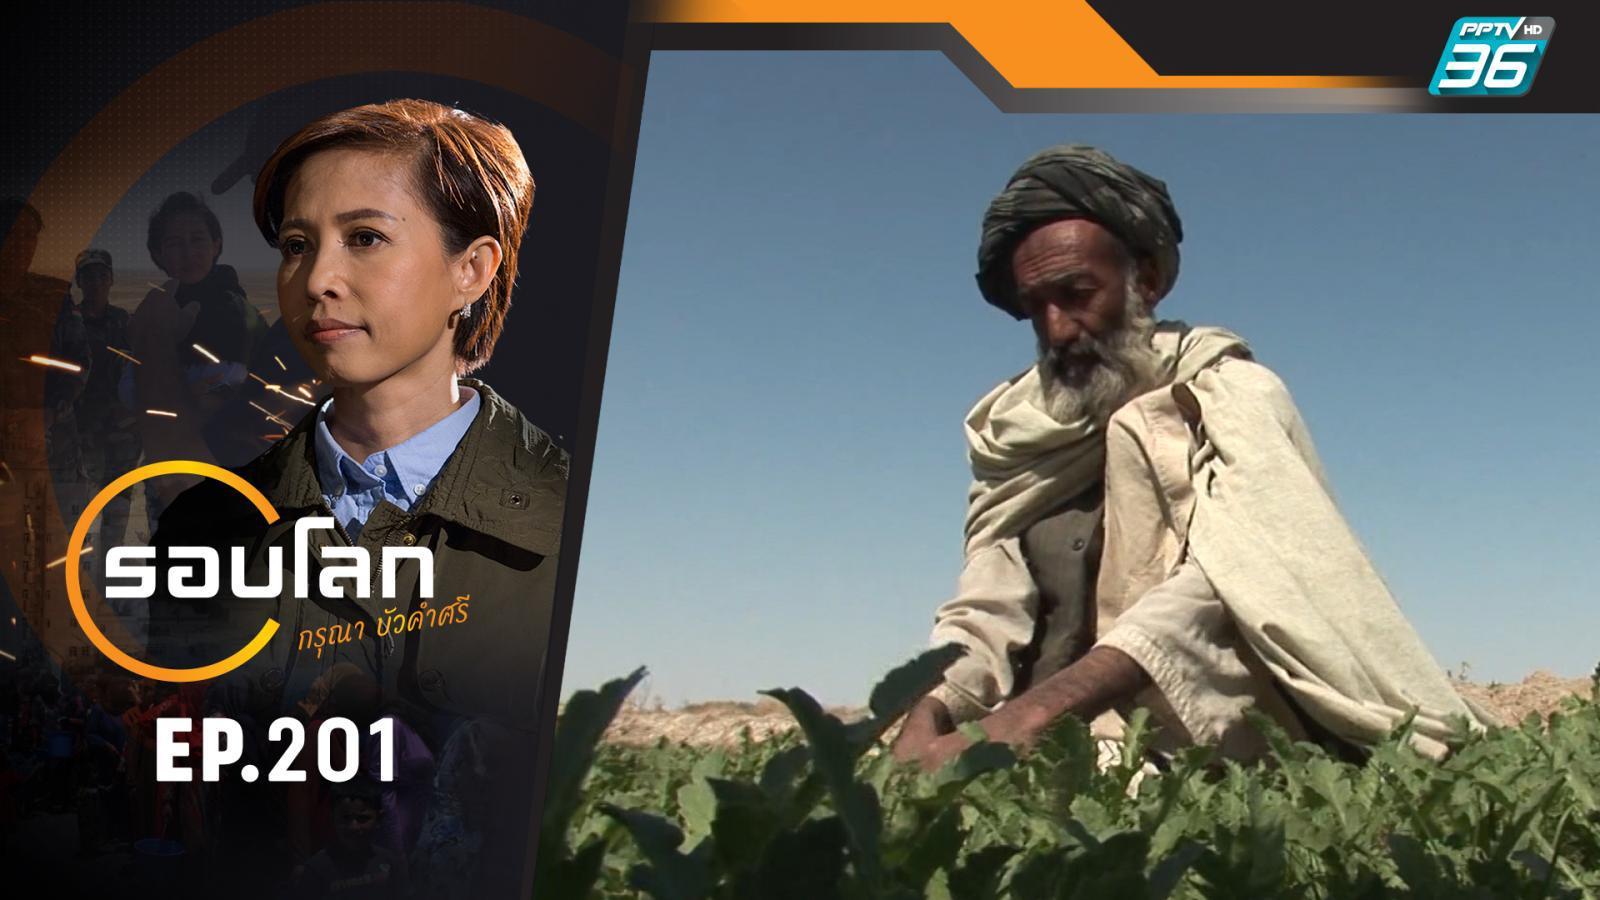 รอบโลก by กรุณา บัวคำศรี ตอน ดอกไม้มฤตยู : อัฟกานิสถาน